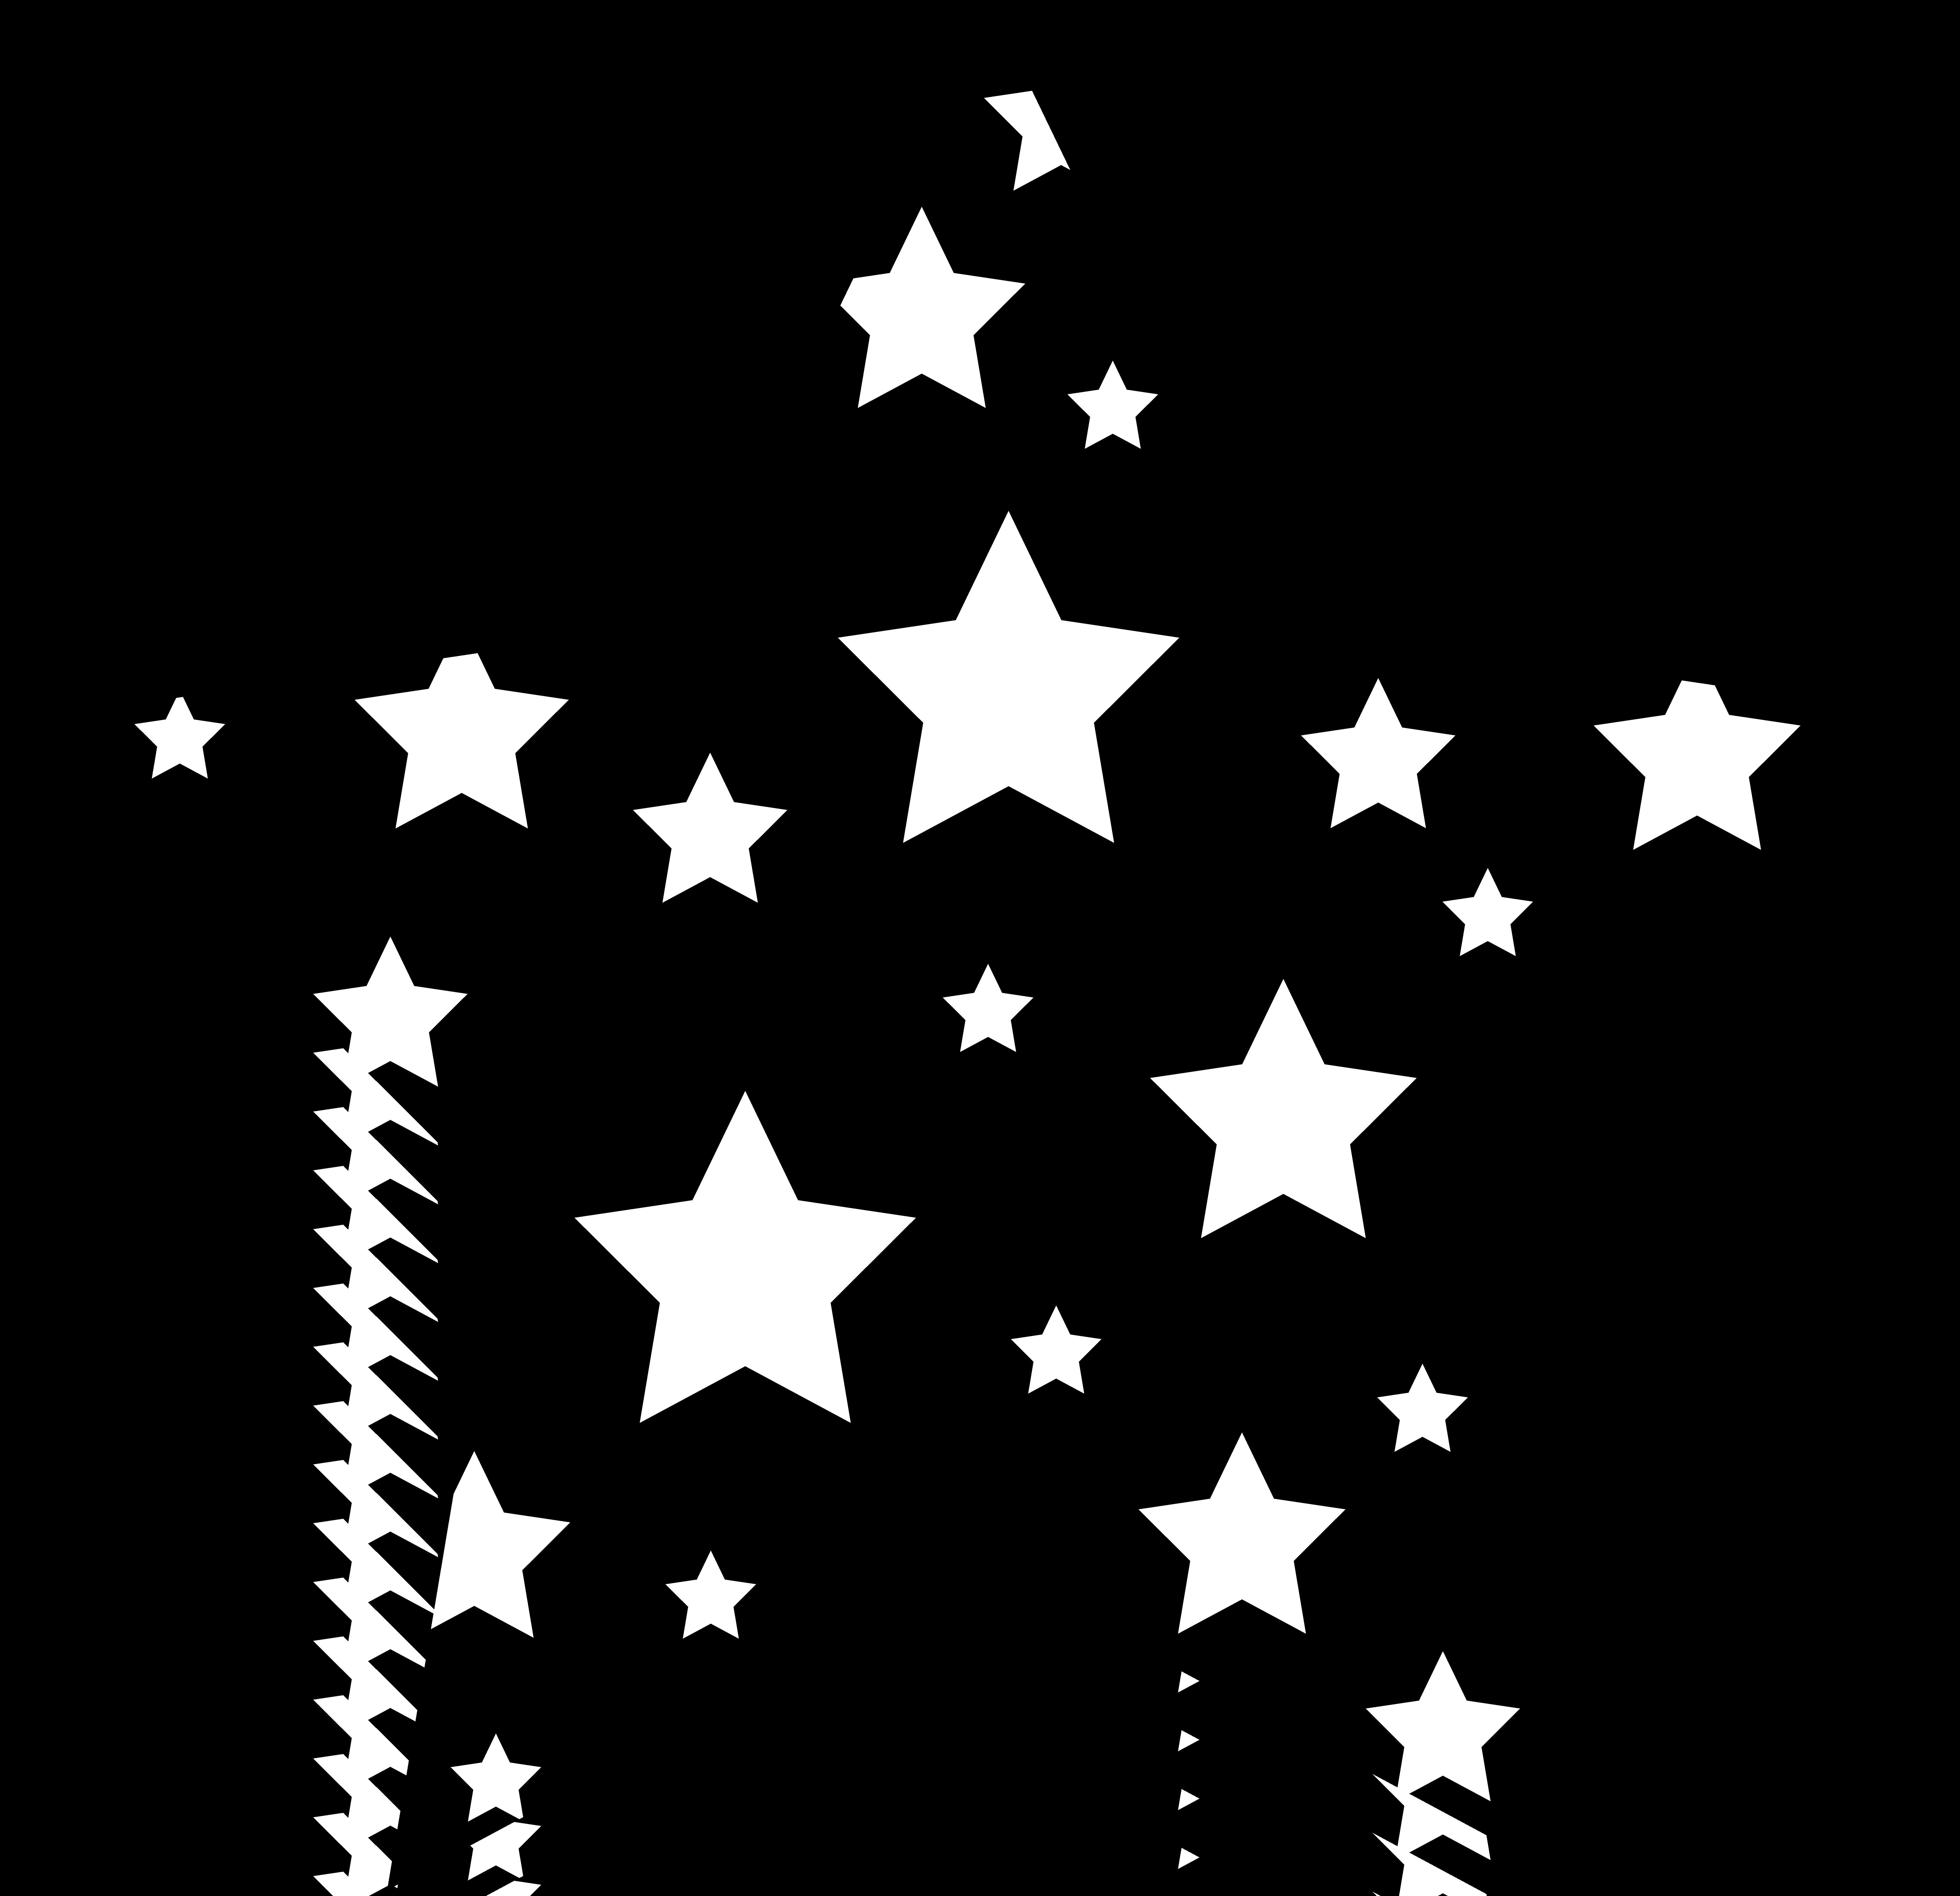 Stars Clipart Black And White .-Stars Clipart Black And White .-16